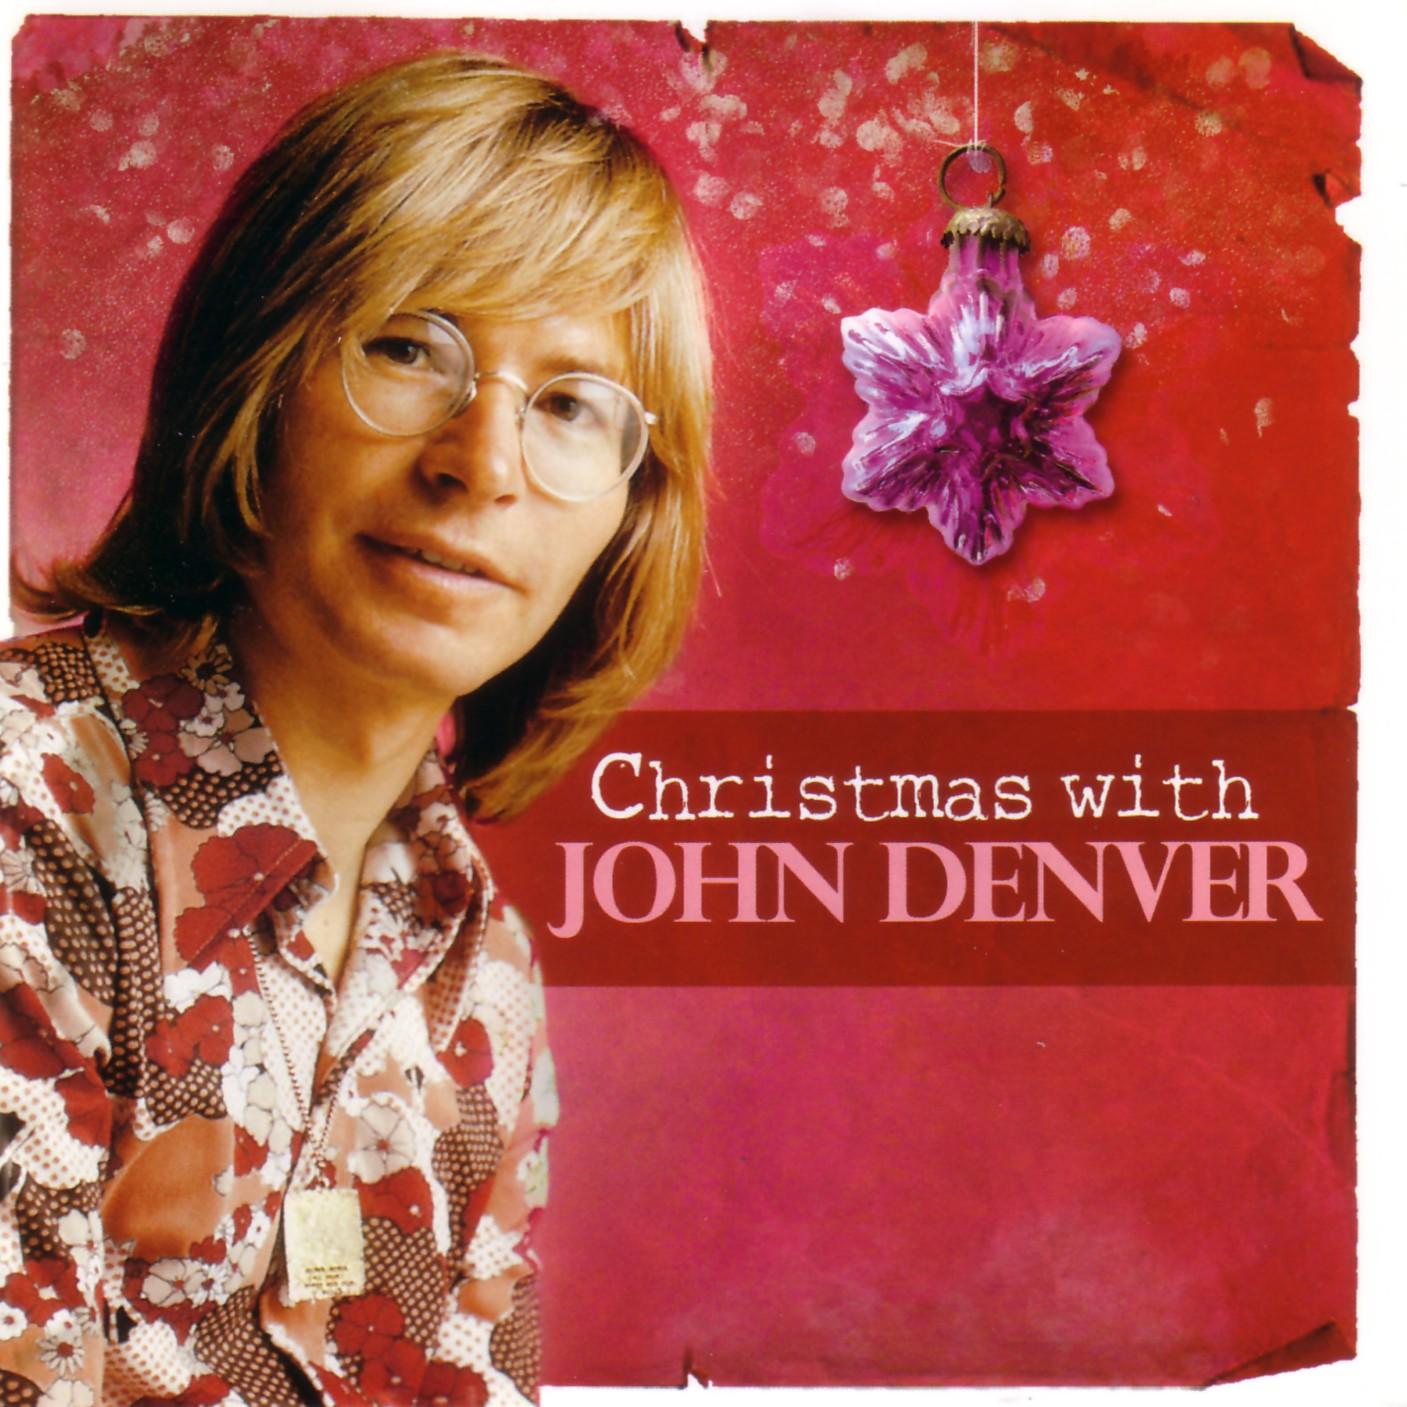 Christmas Music Collection: John Denver - Christmas With ...